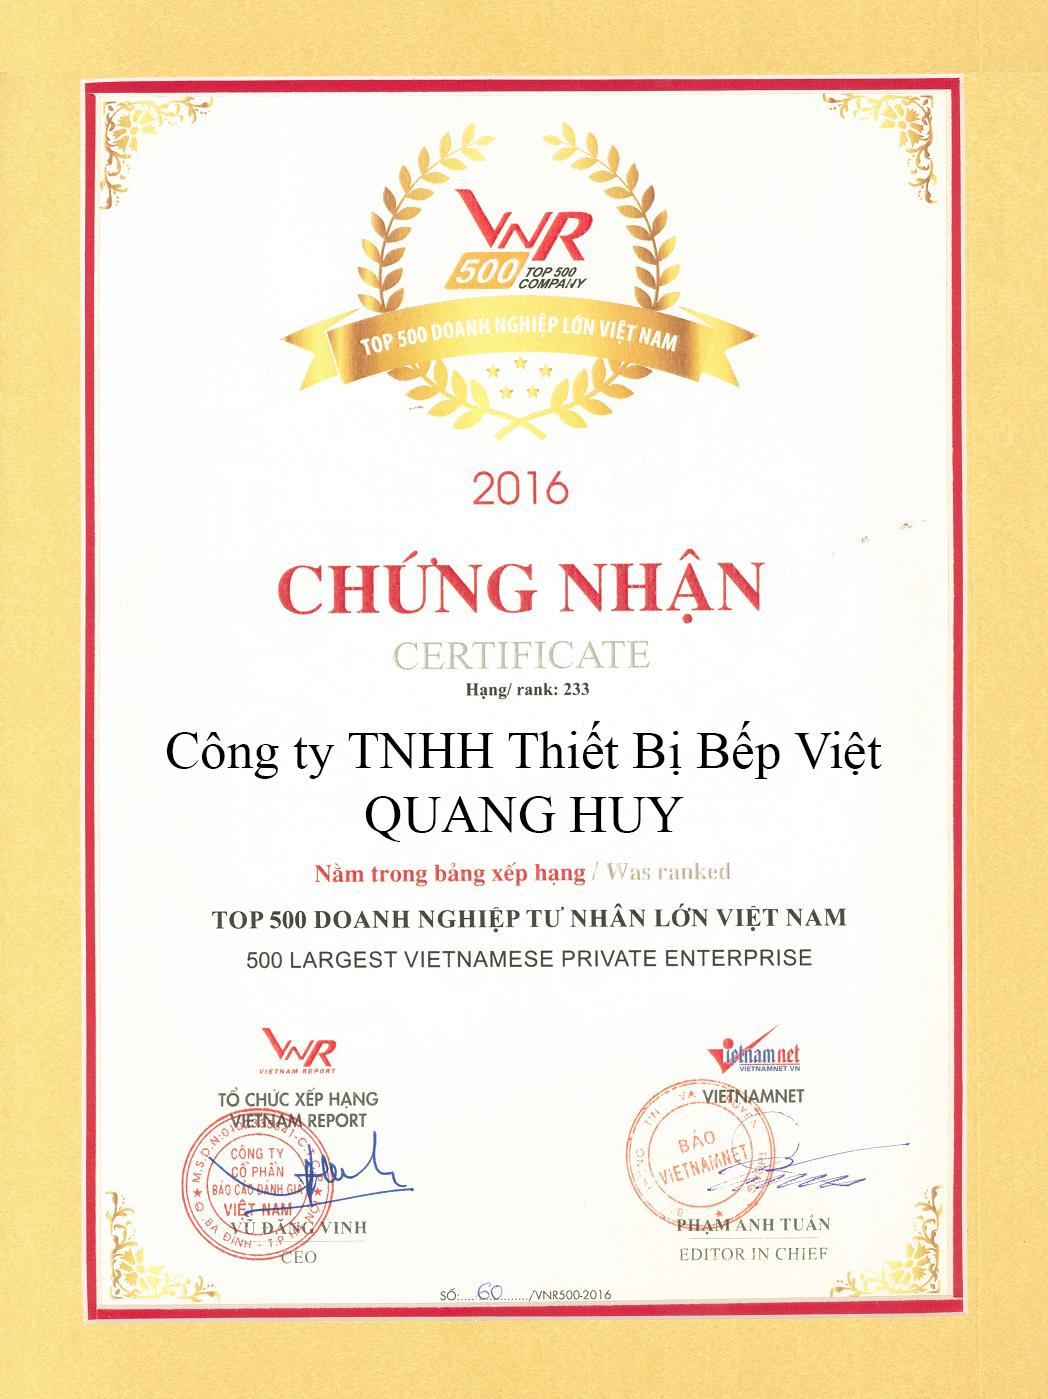 Quang Huy là công ty để bạn tin tưởng mua hàng